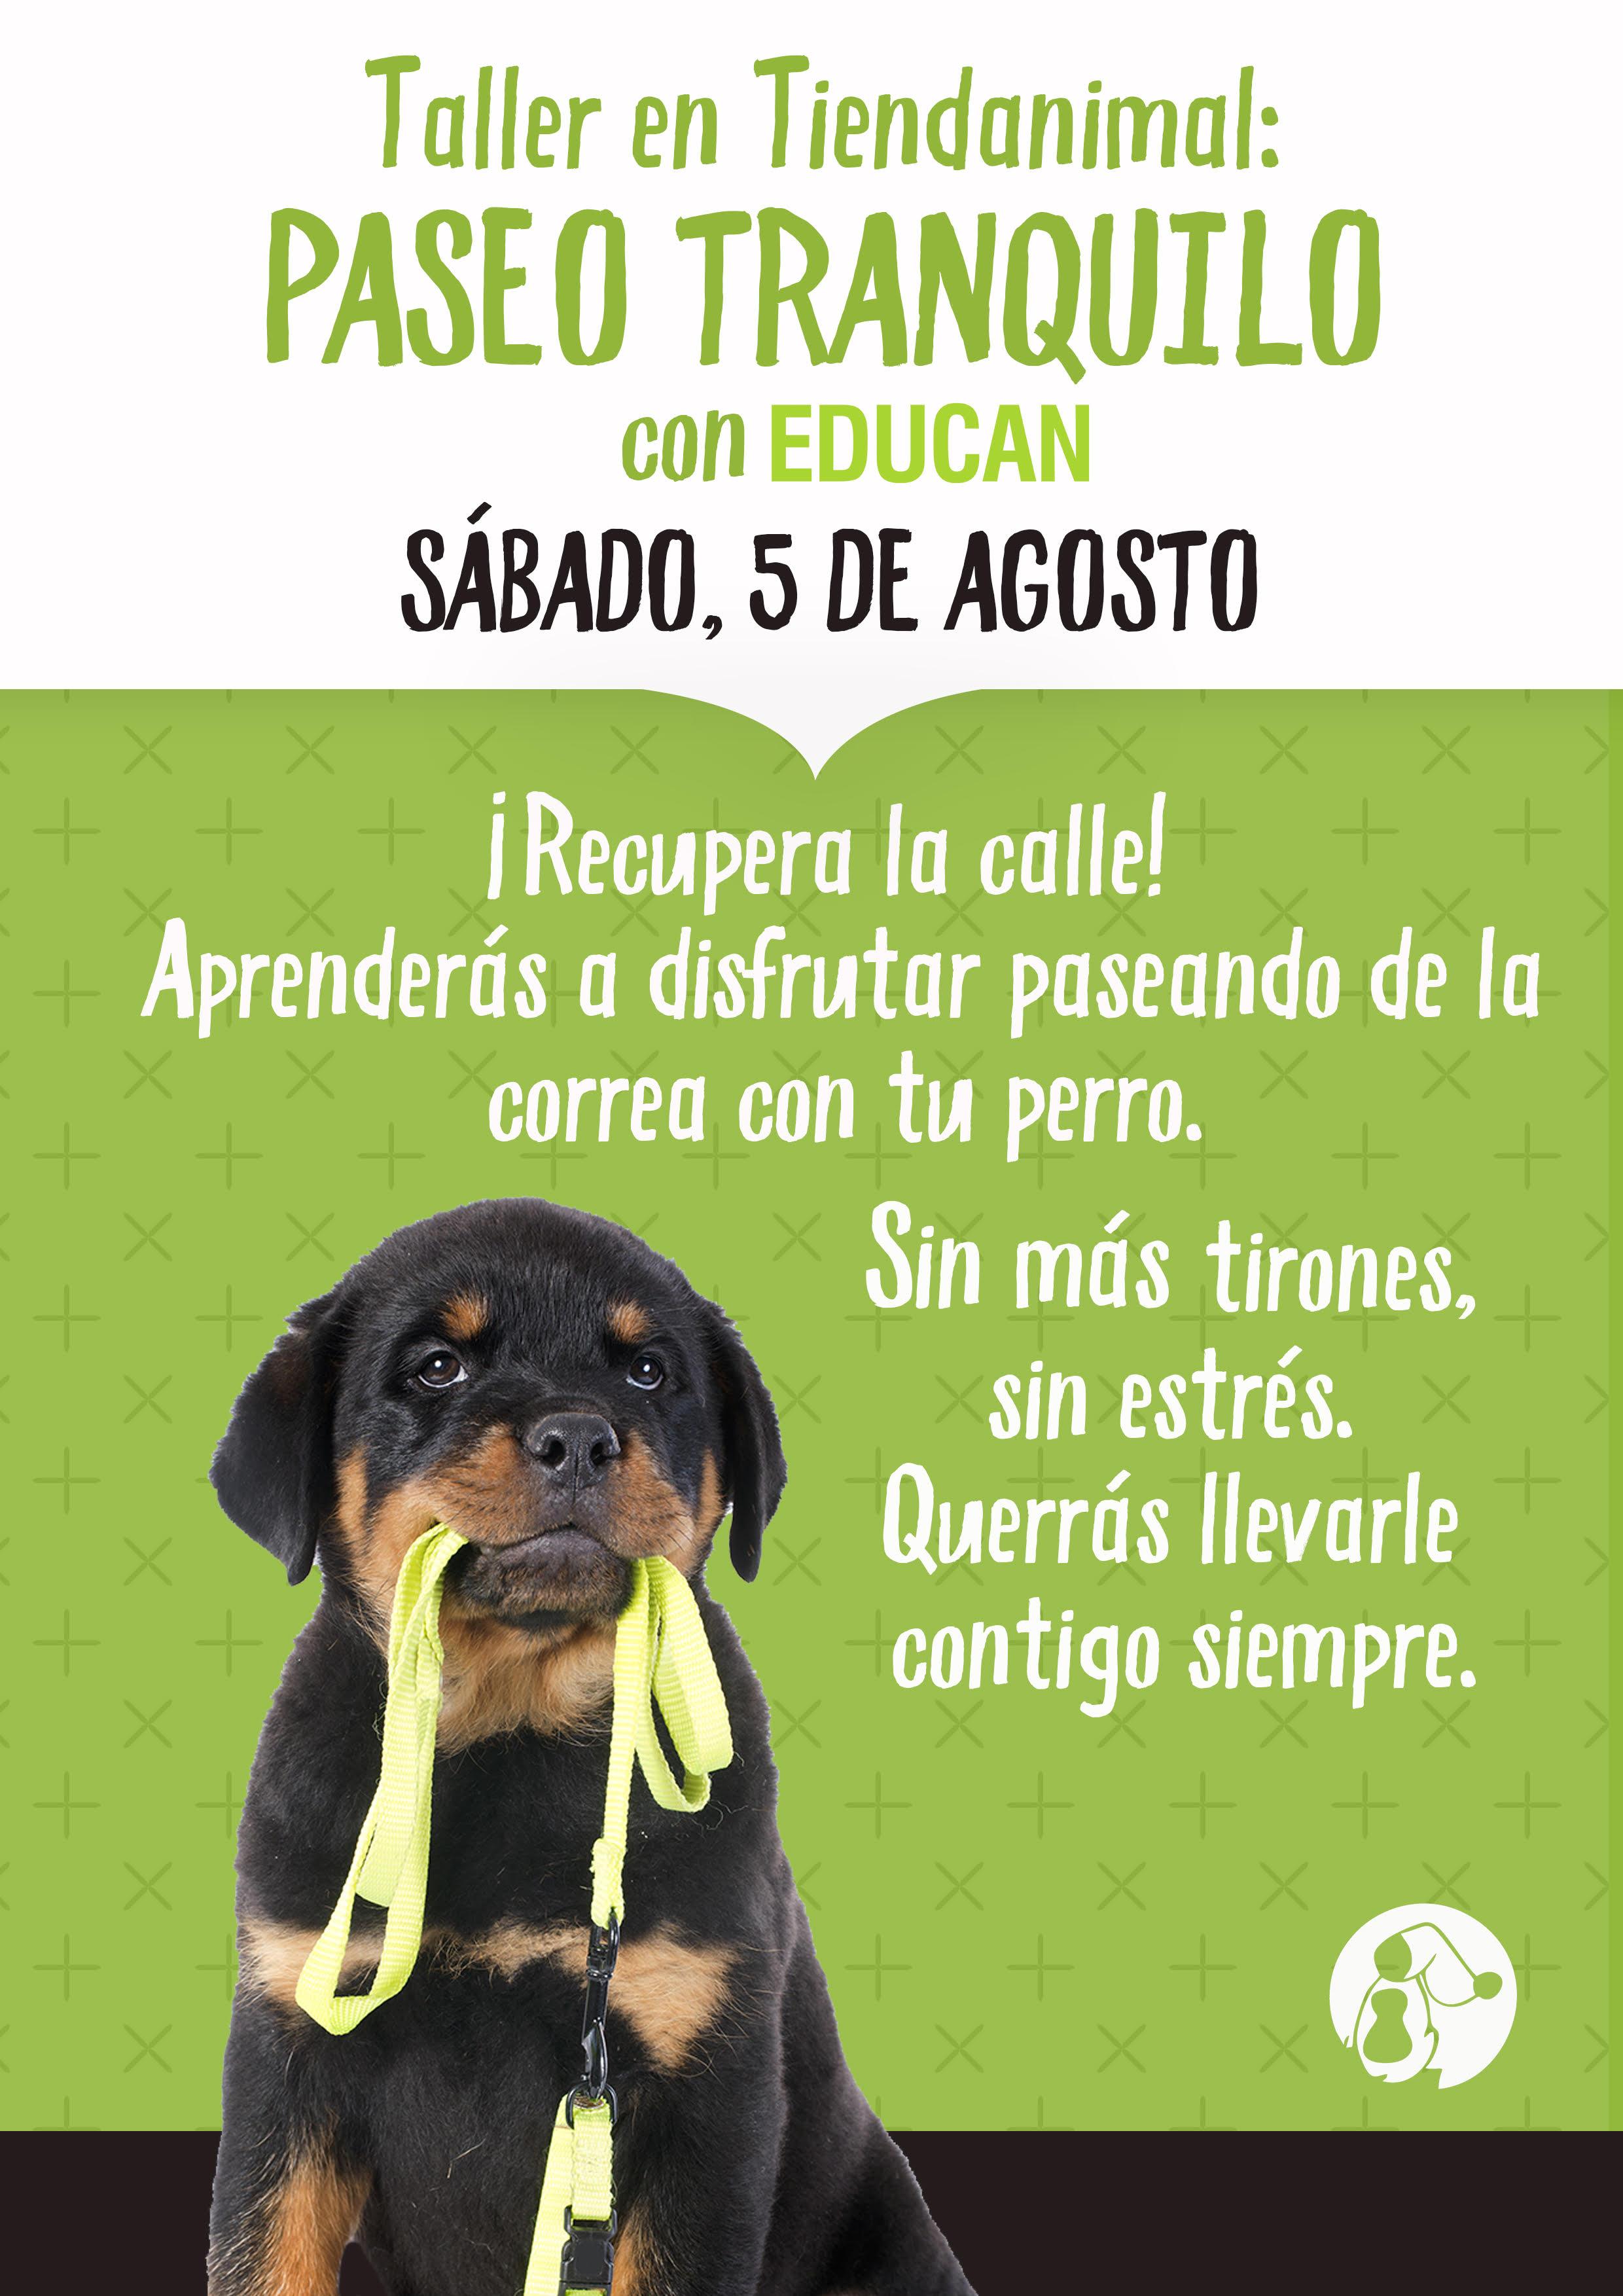 Aprende a PASEAR TRANQUILO con tu perro ¡GRATIS! en Tiendanimal